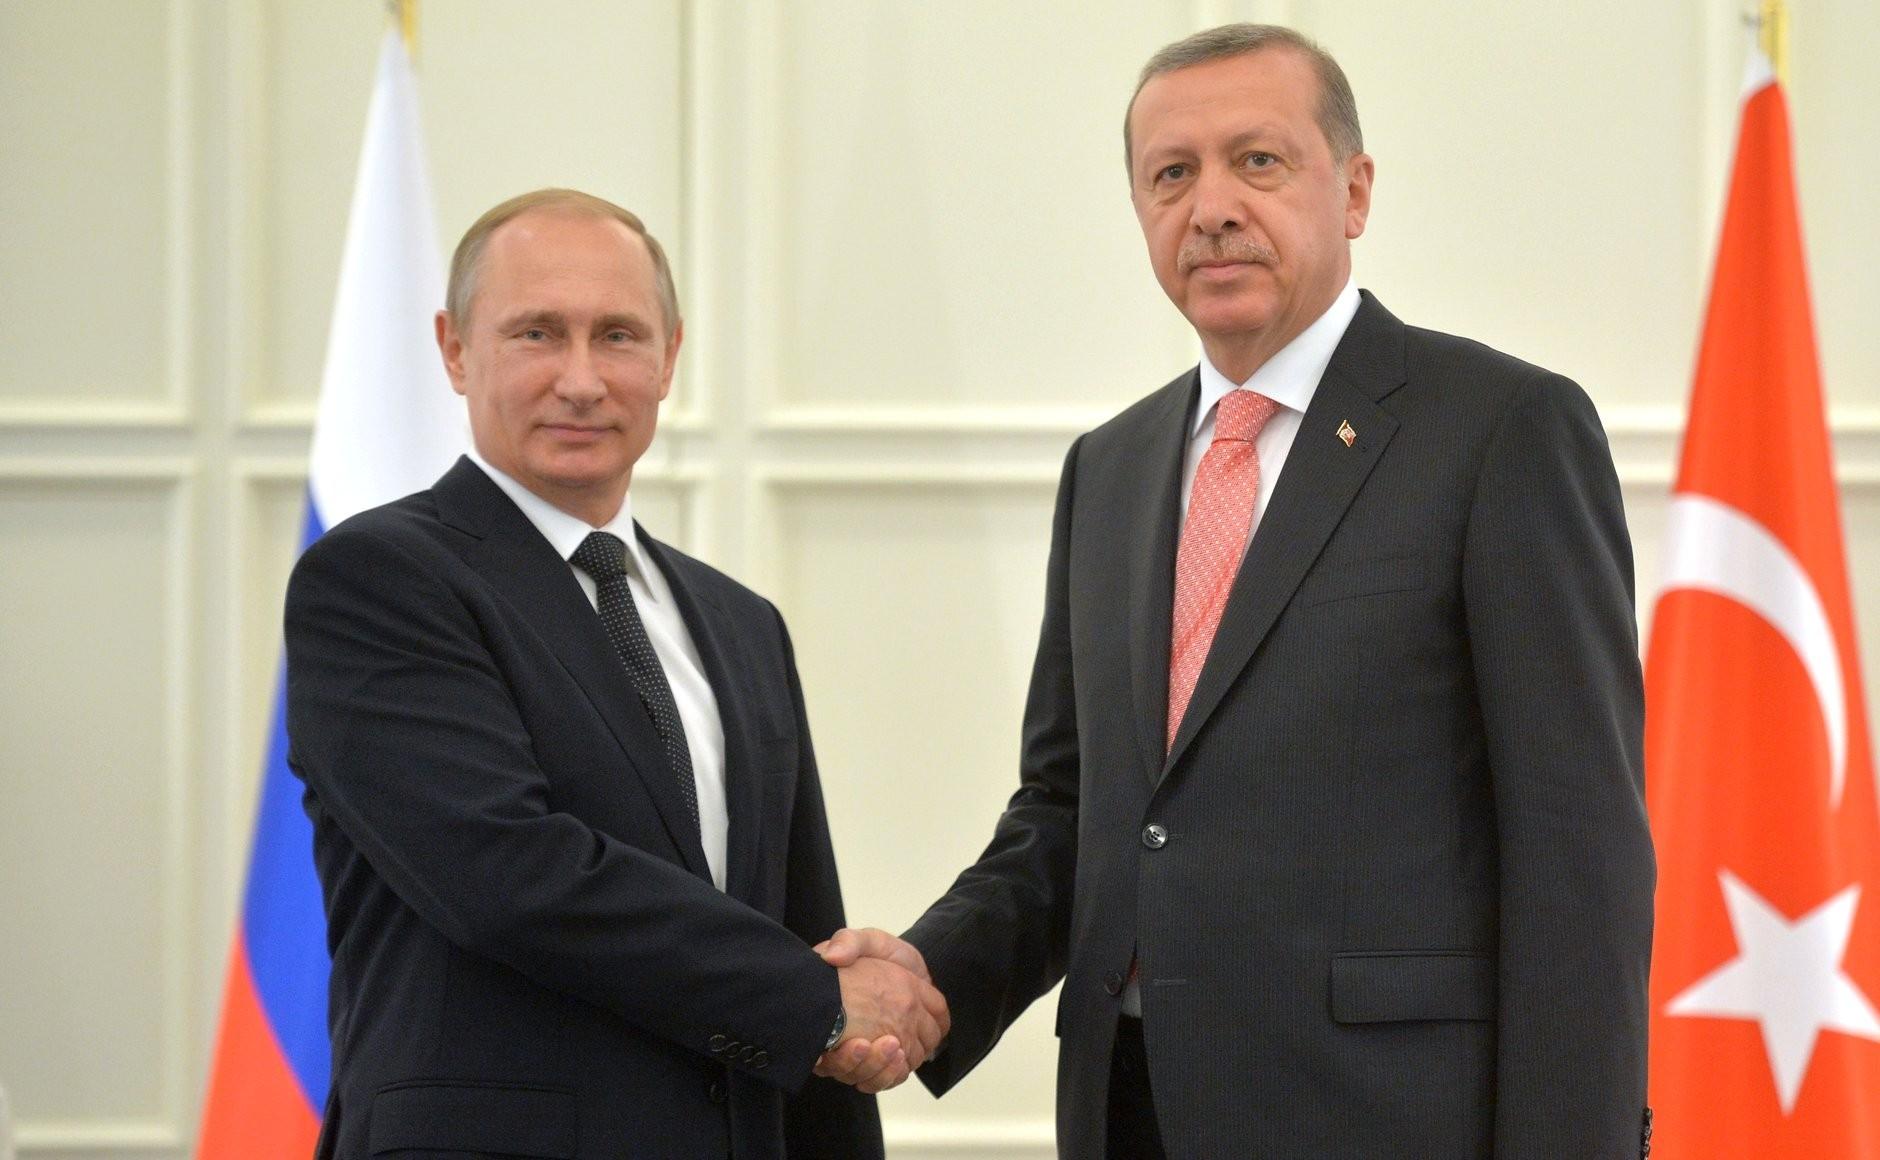 31августа Турцию посетить президент Российской Федерации Владимир Путин